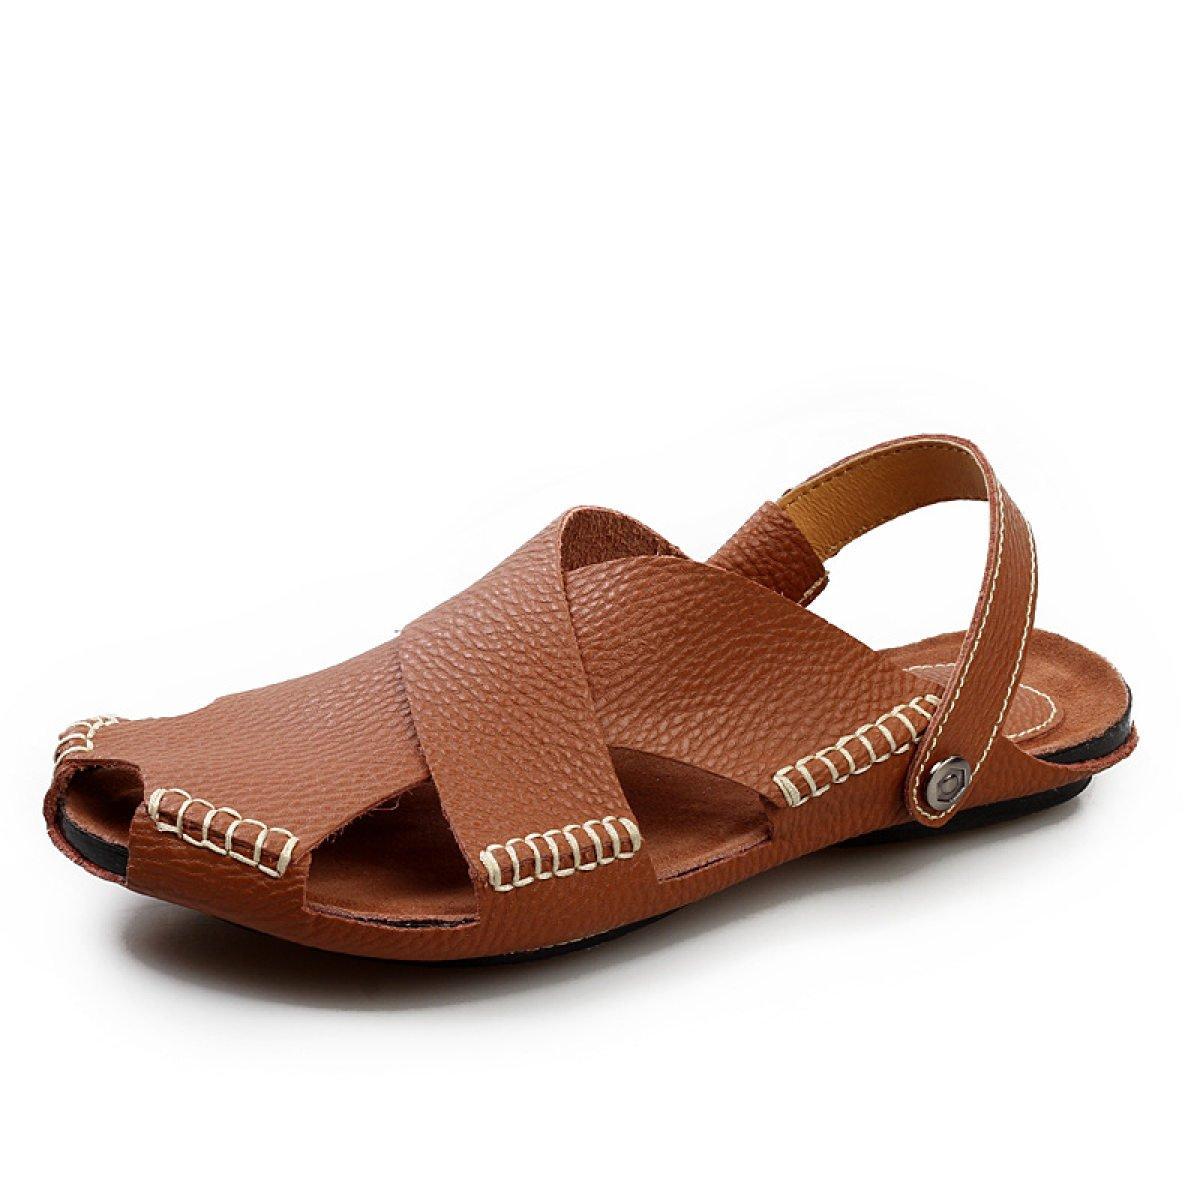 LXXAMens Verano Playa Cuero Real Sandalias De Secado Rápido Zapatos De Trekking Zapatillas De Atletismo,Brown-40EU 40EU|Brown